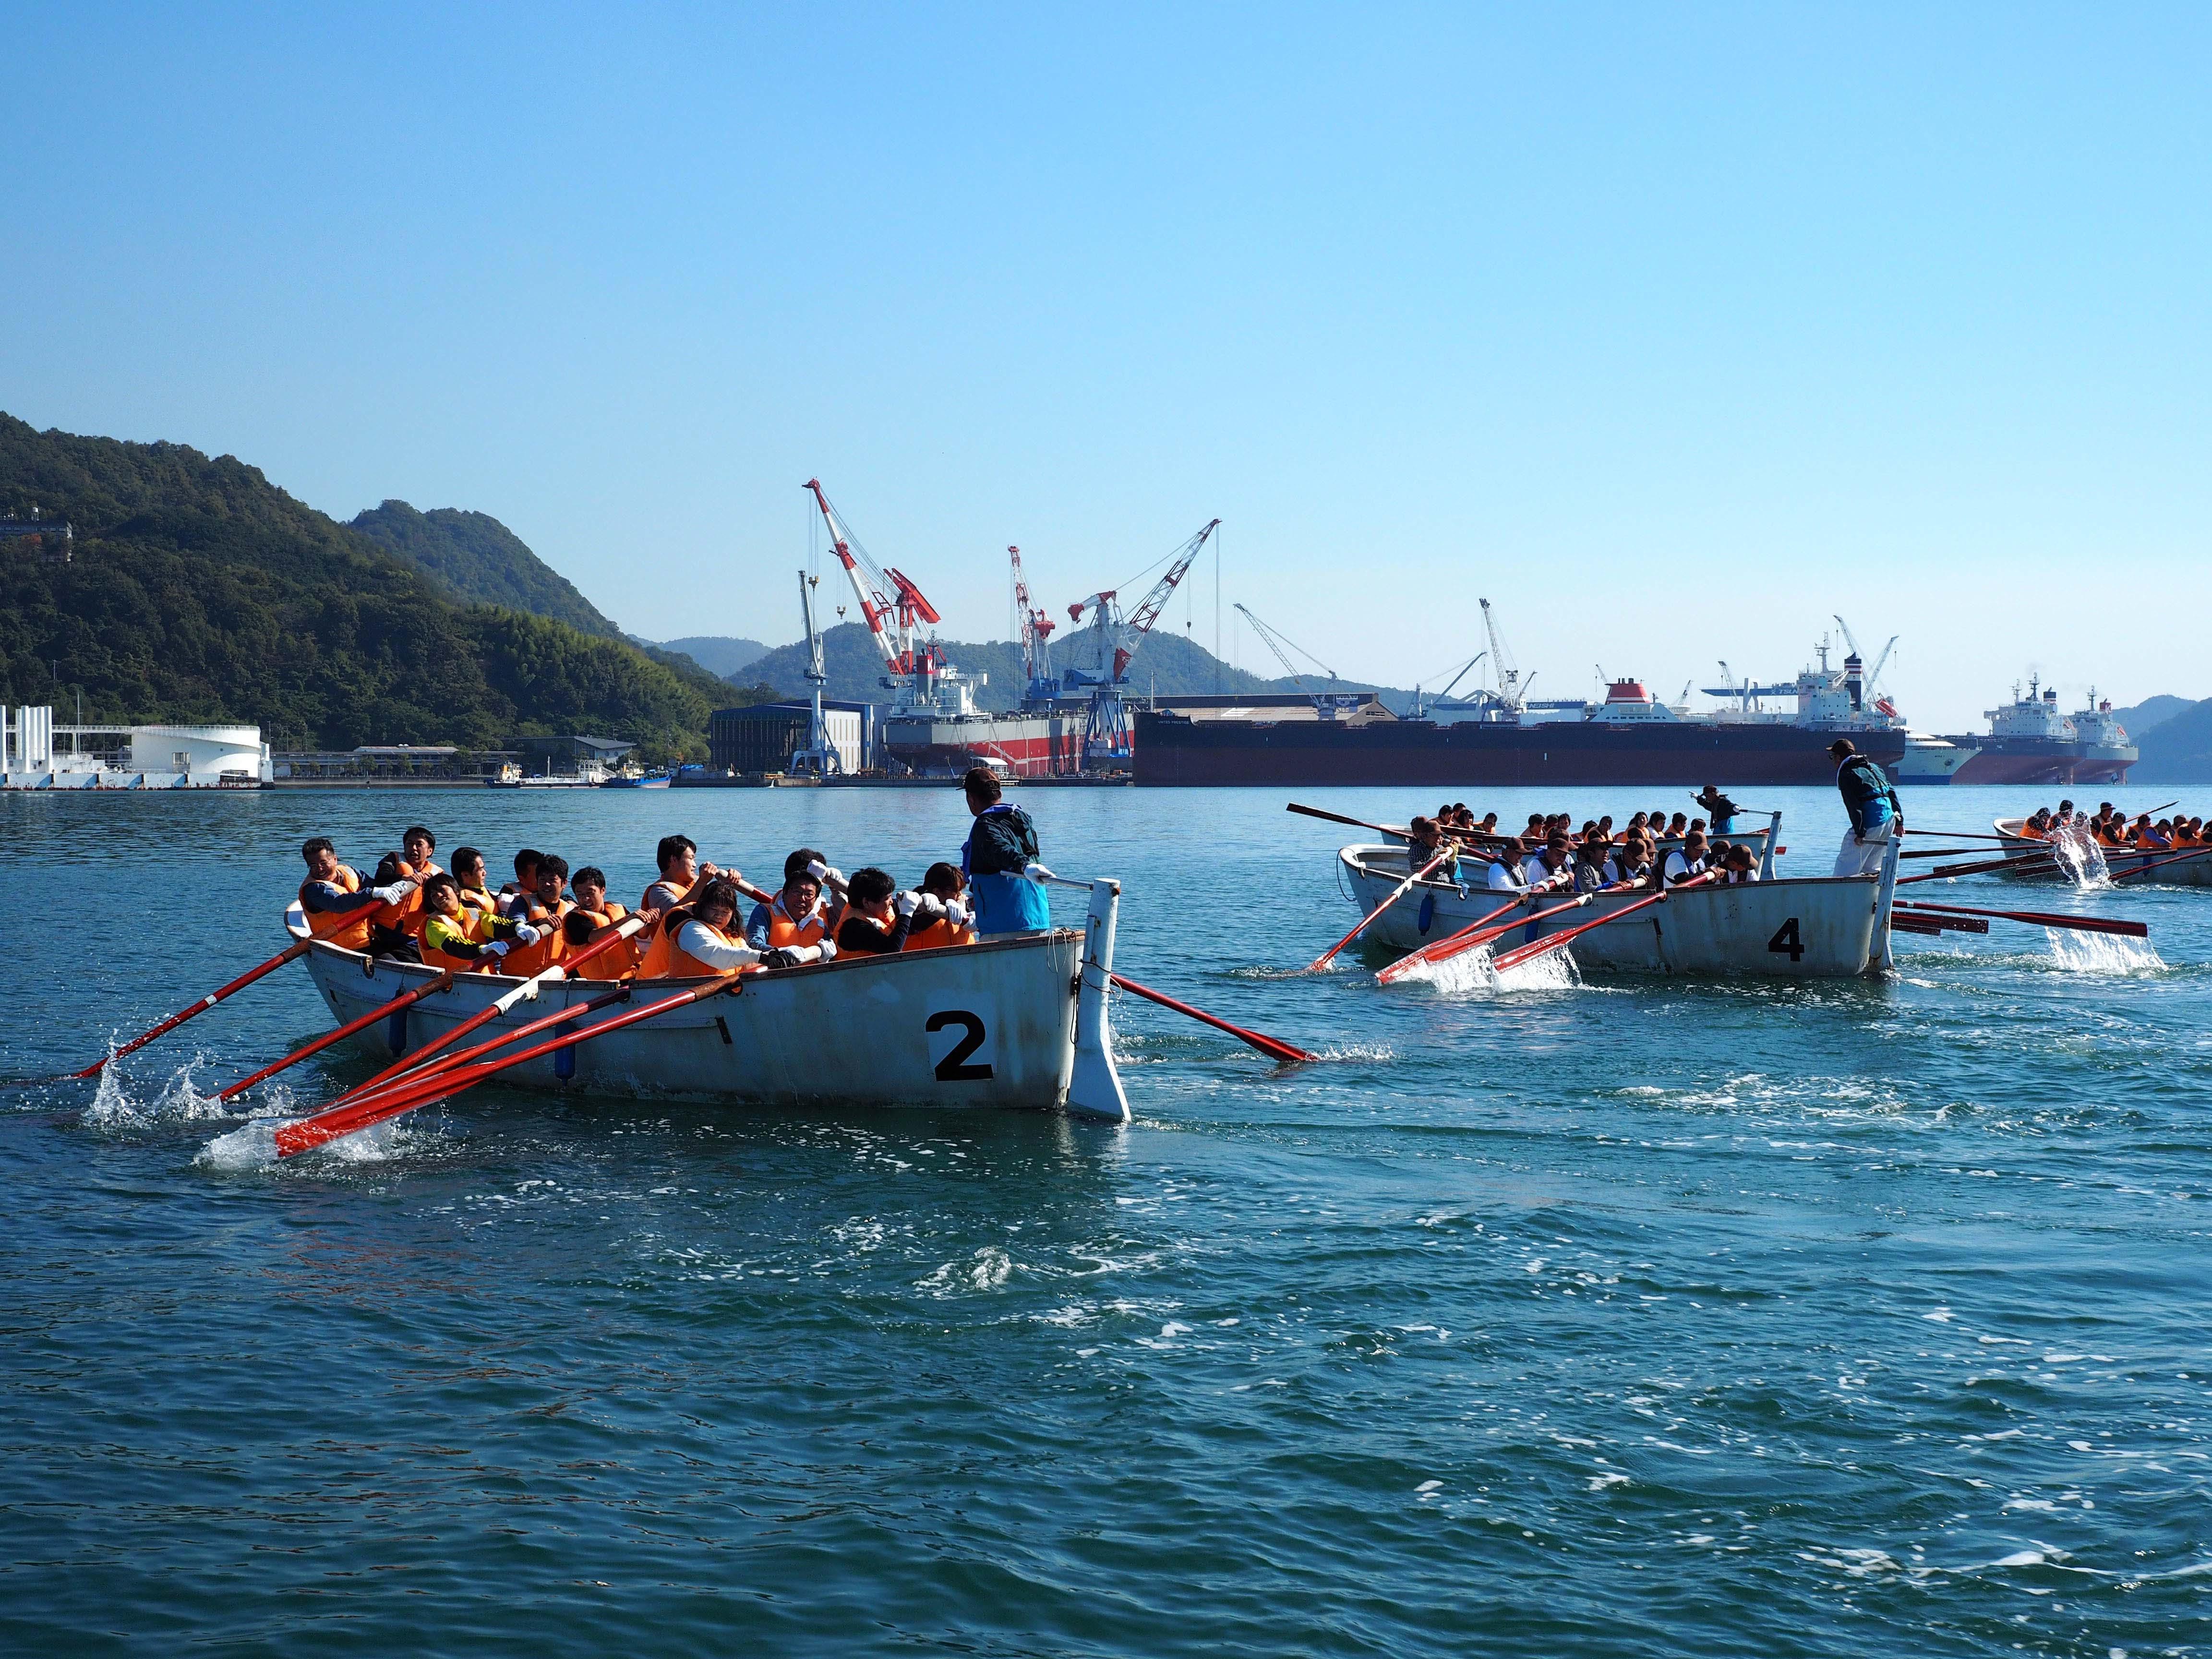 「自然に親しみ自然に学ぶ」カッターボート訓練会で知識と団結を高める!ツネイシヒューマンサービス